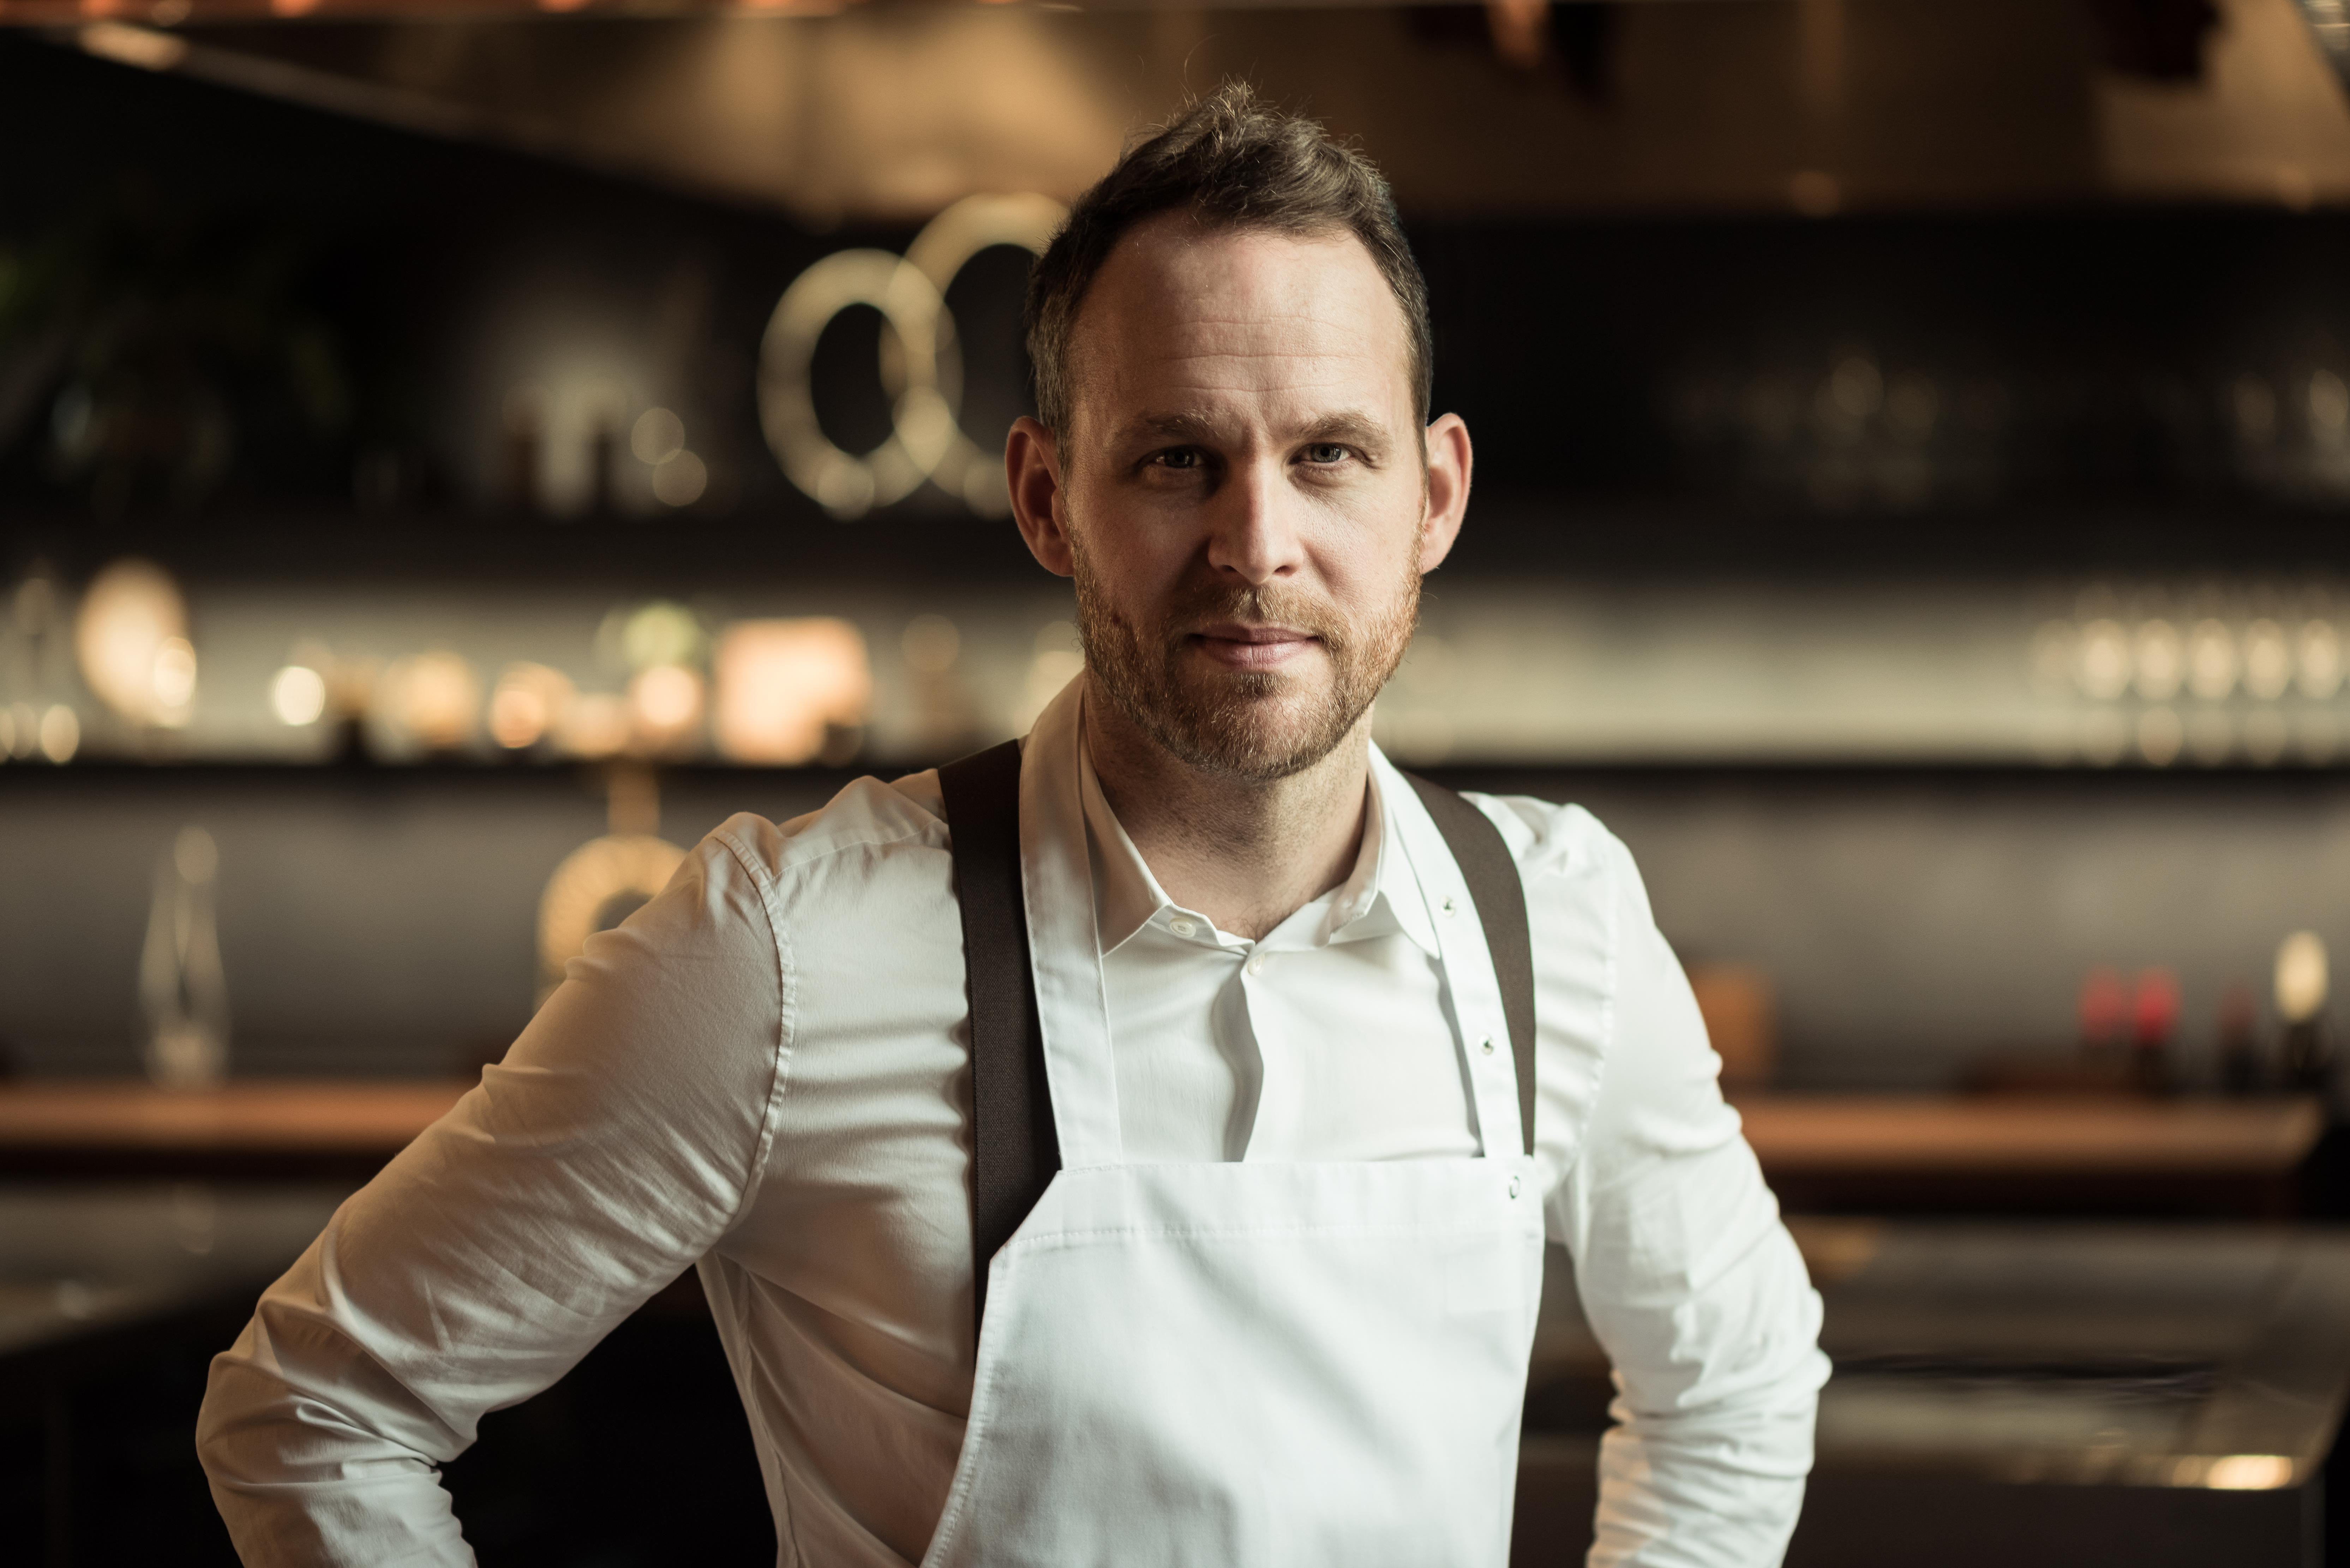 A landscape portrait of chef Bjorn Frantzén, who wears a white shirt and apron.